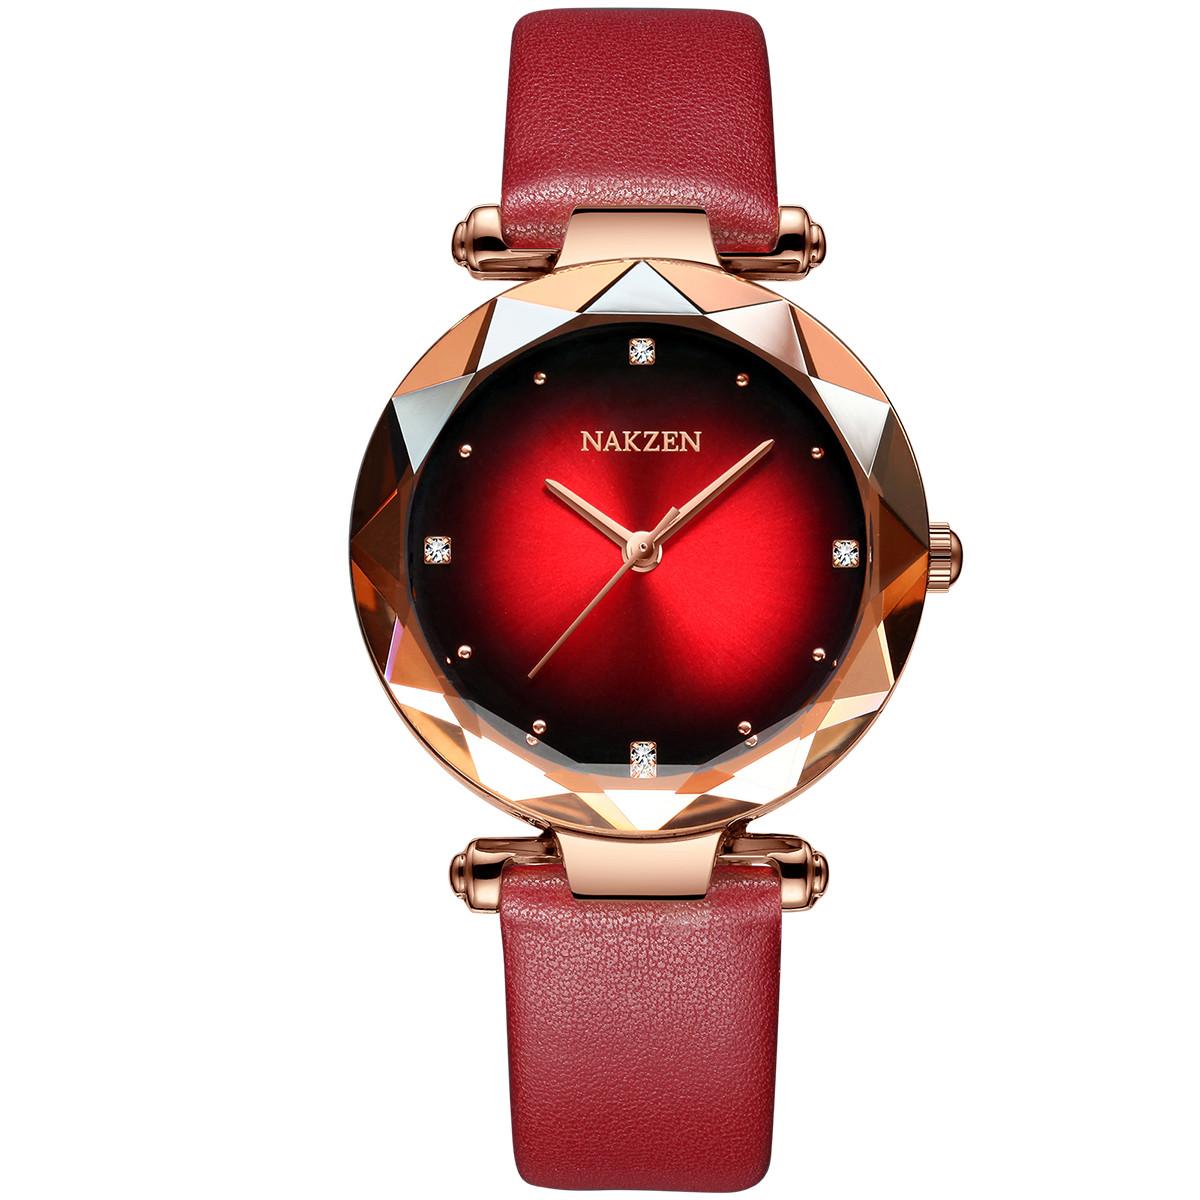 名古城NAKZEN正品进口机芯休闲时尚潮流皮带简约女士石英手表SL4210LRD-8